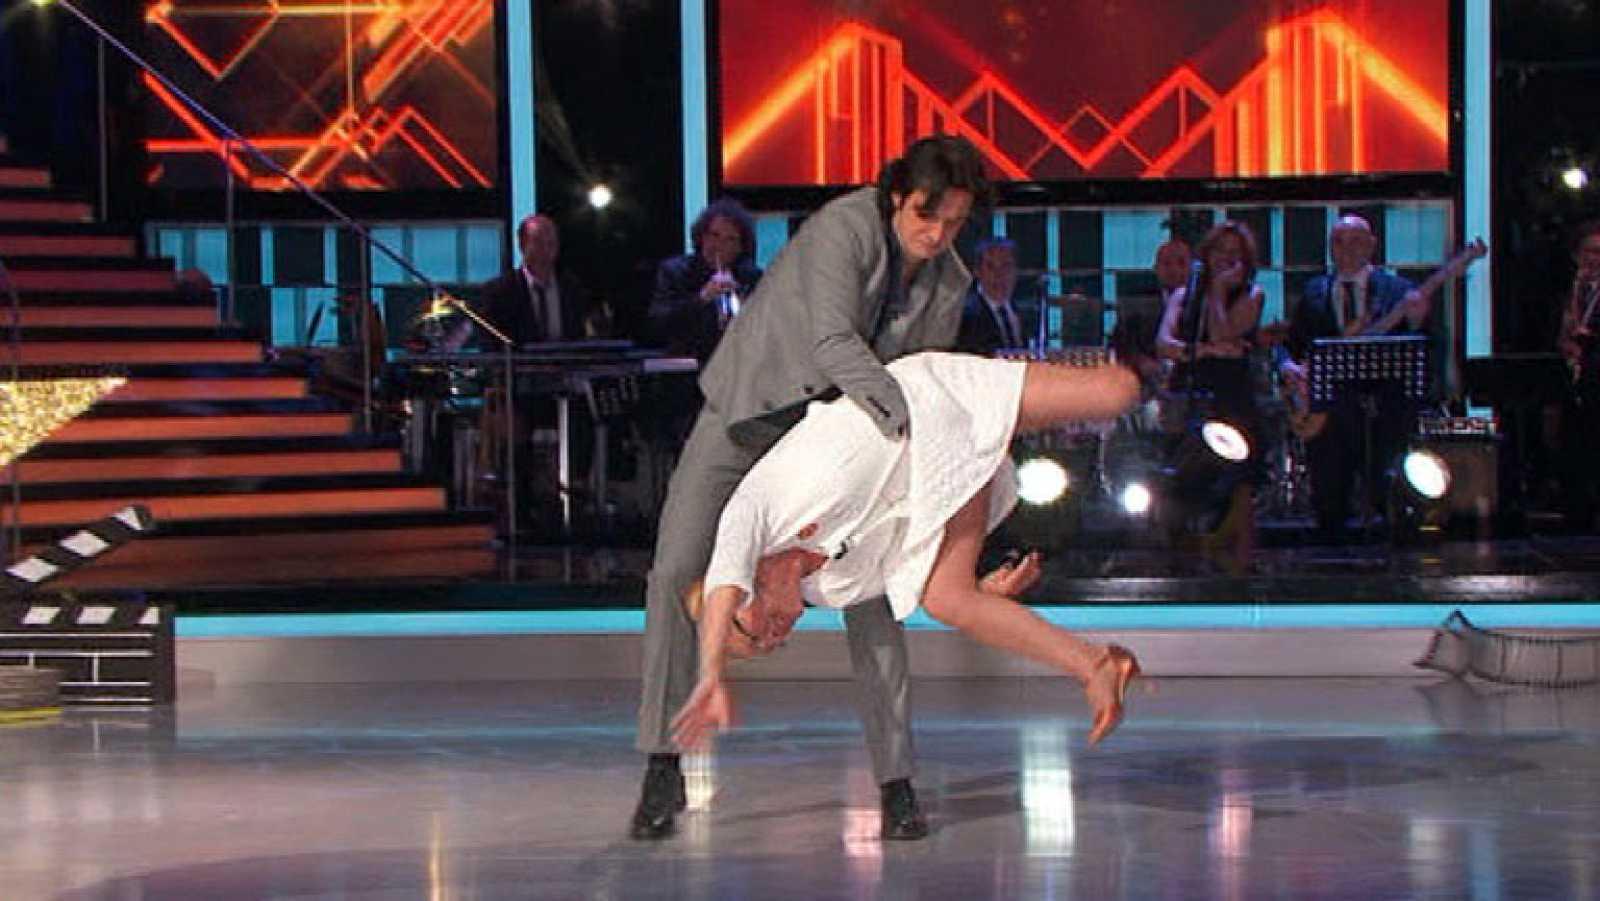 Mira quién baila - El Rodillazo, el nuevo paso del Pato Mareado